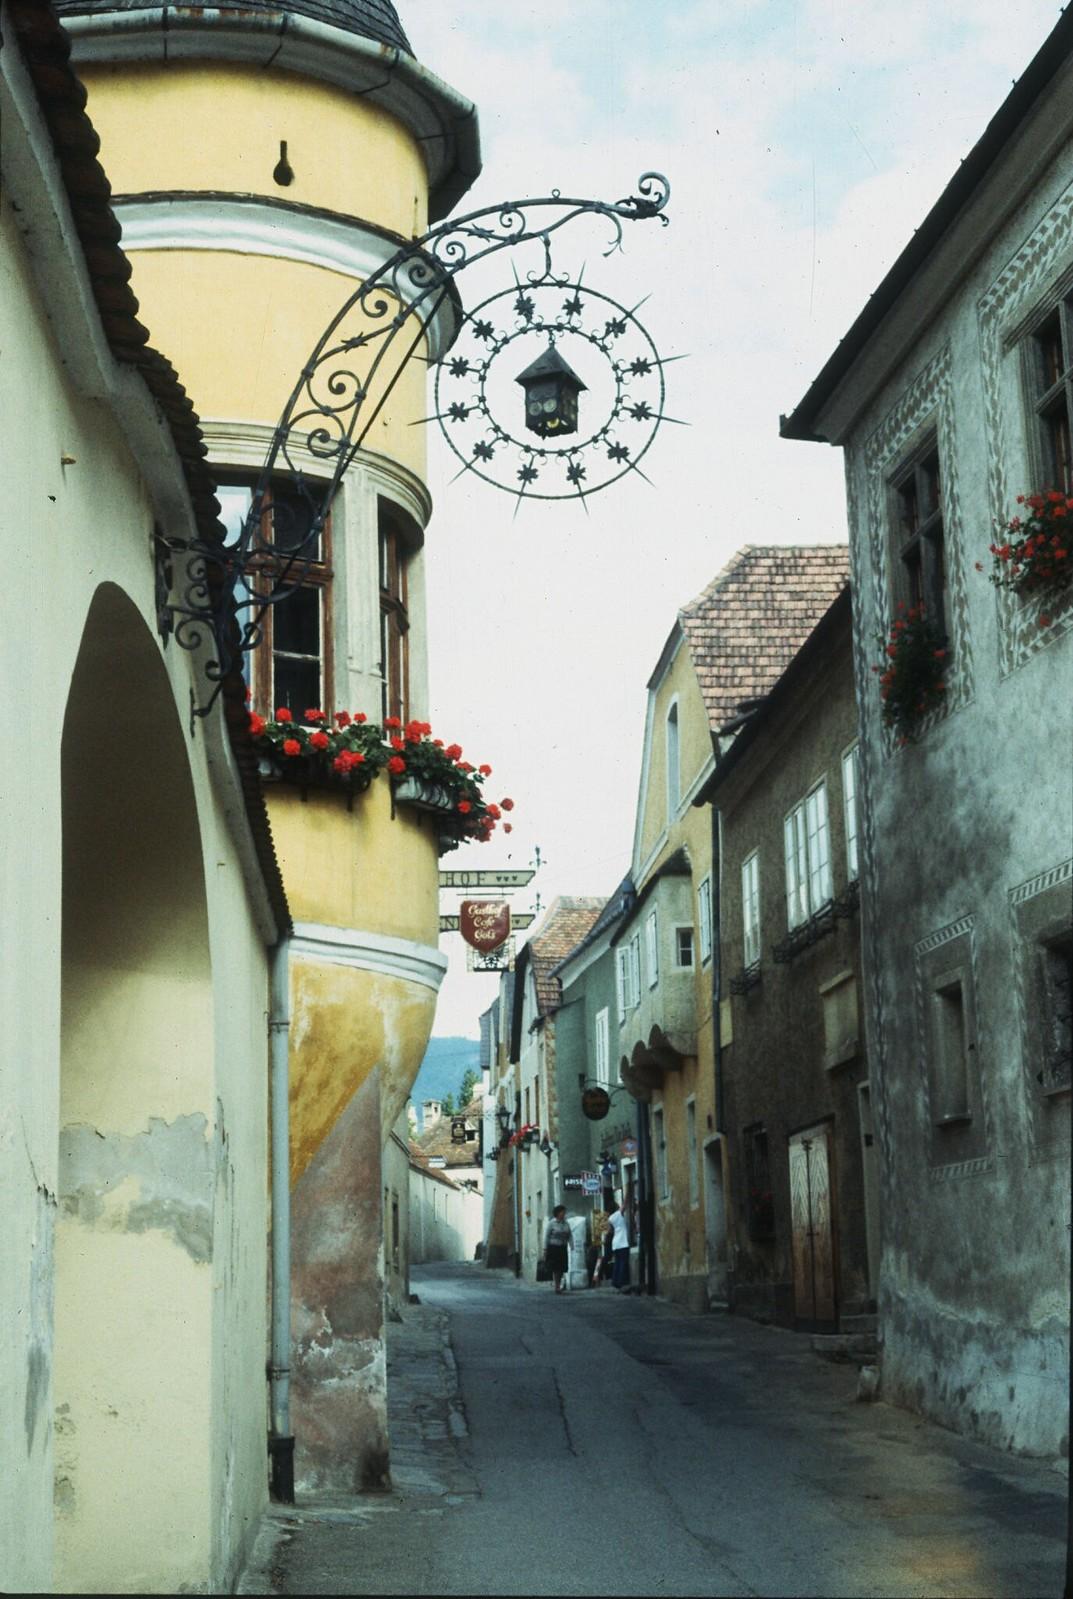 33. Узкая улочка в городе Дюрнштайн, в федеральной земле Нижняя Австрия